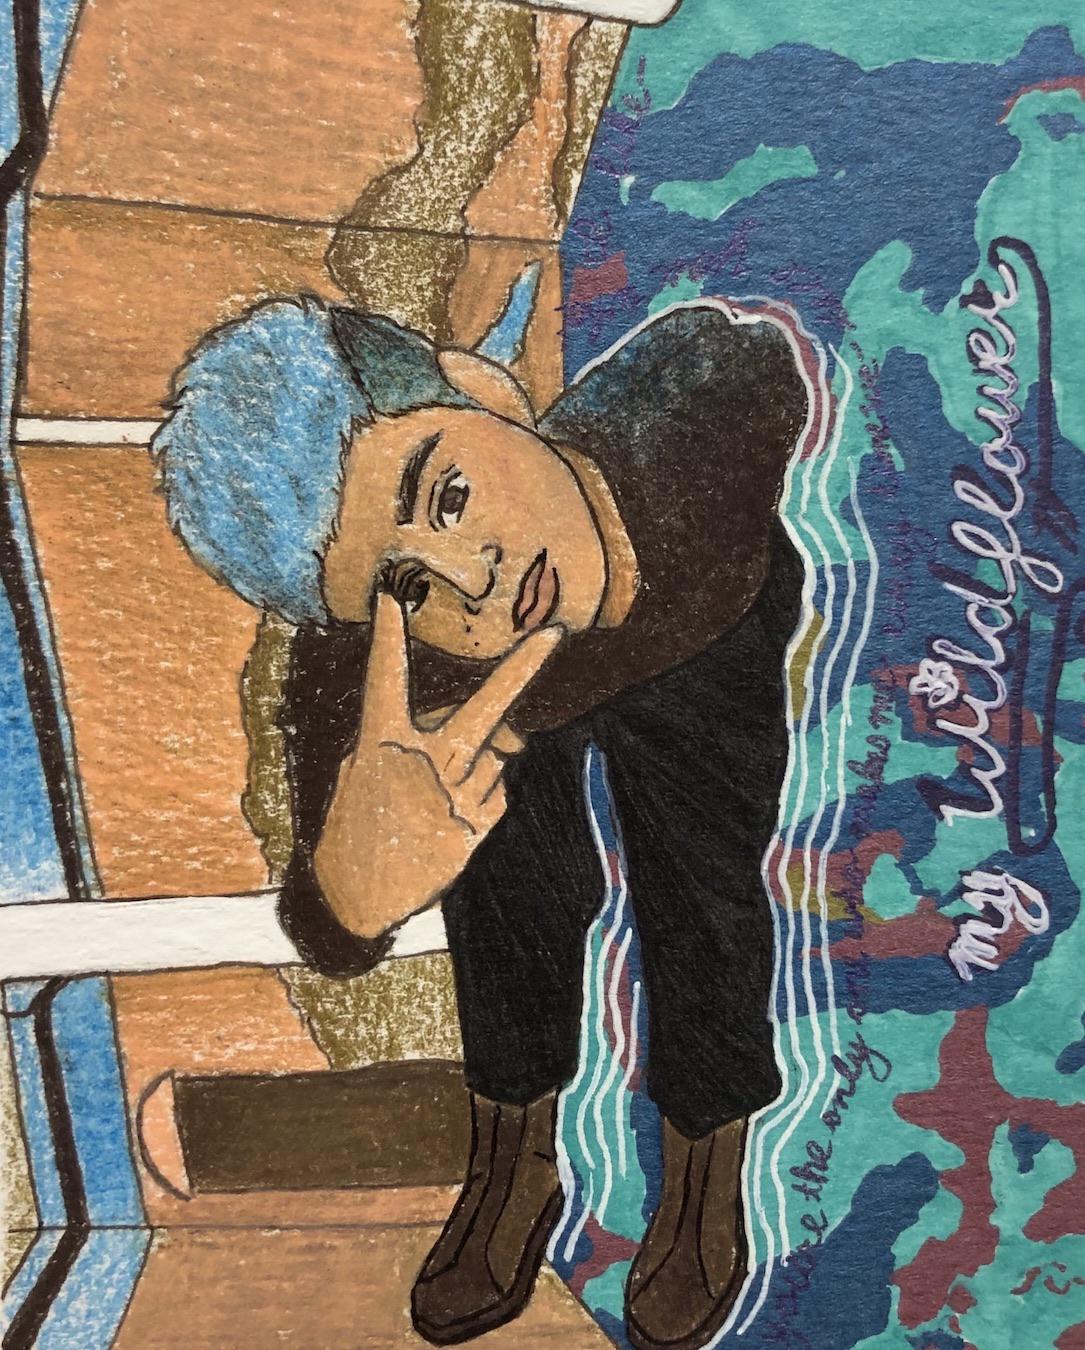 Elizabeth Karmick, Draw From/Draw On/Draw With